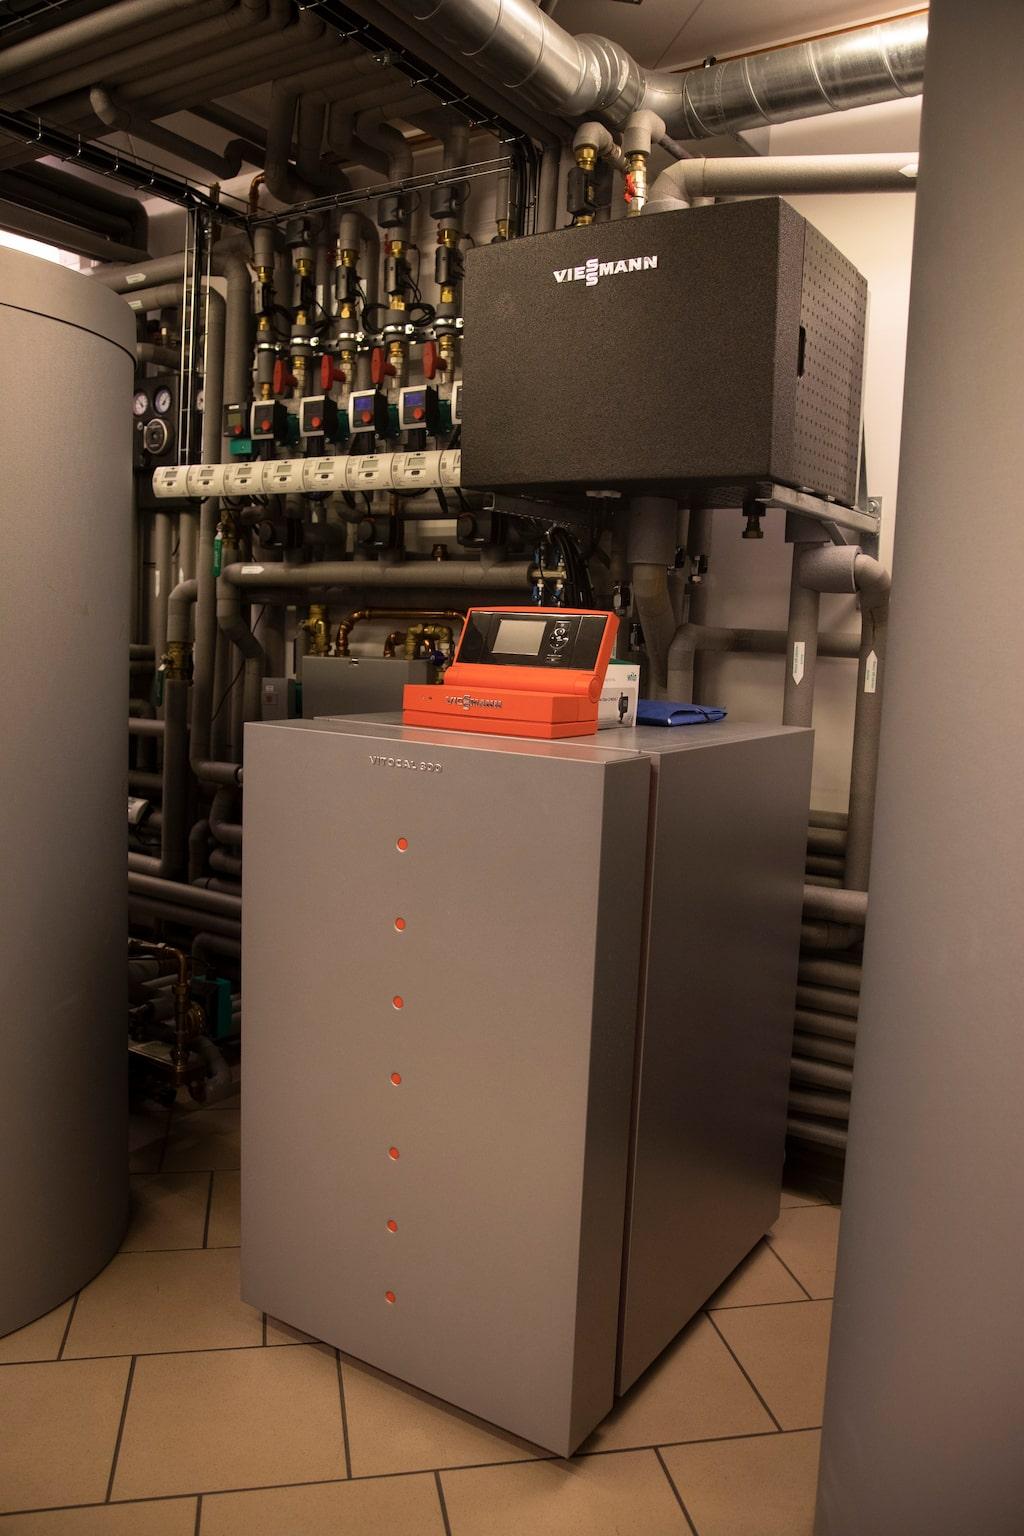 Värmepumpen ger effektiv uppvärmning via det vattenburna värmesystemet.